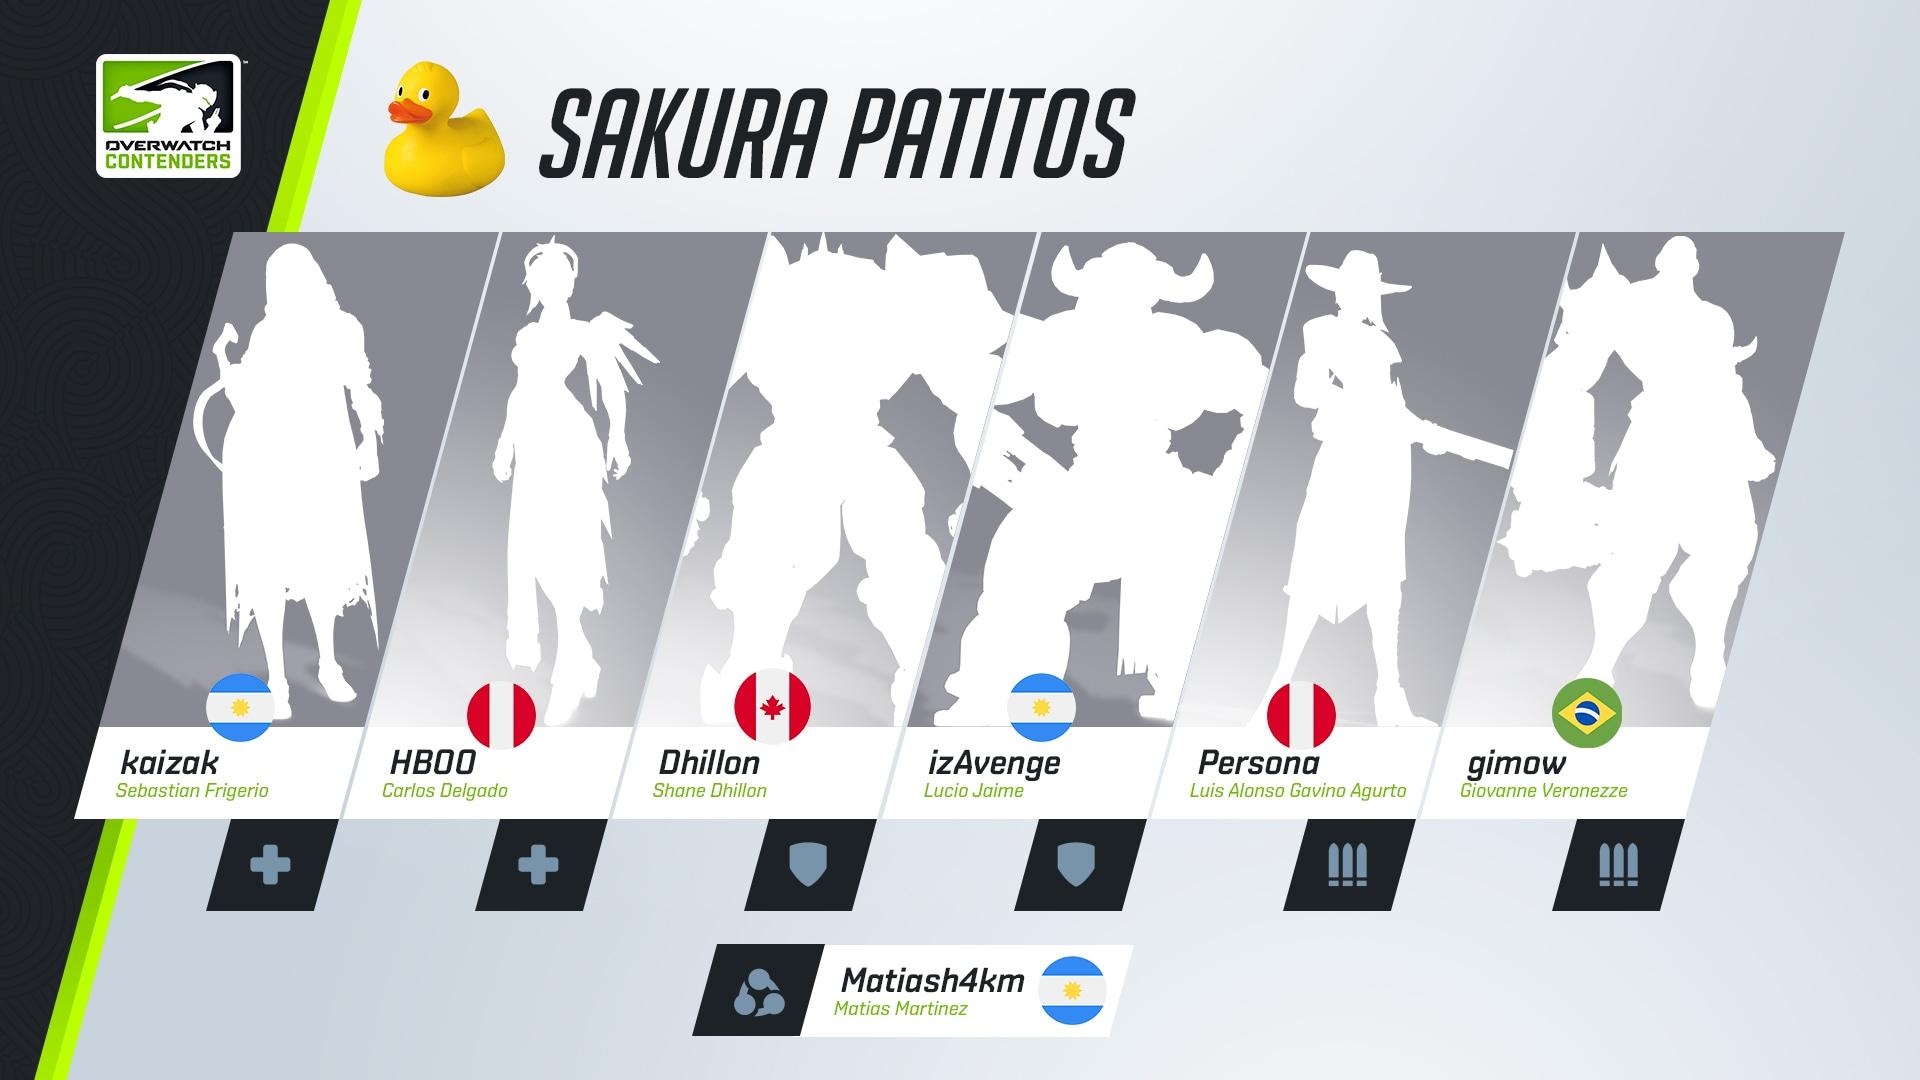 SakuraPatitos.jpg